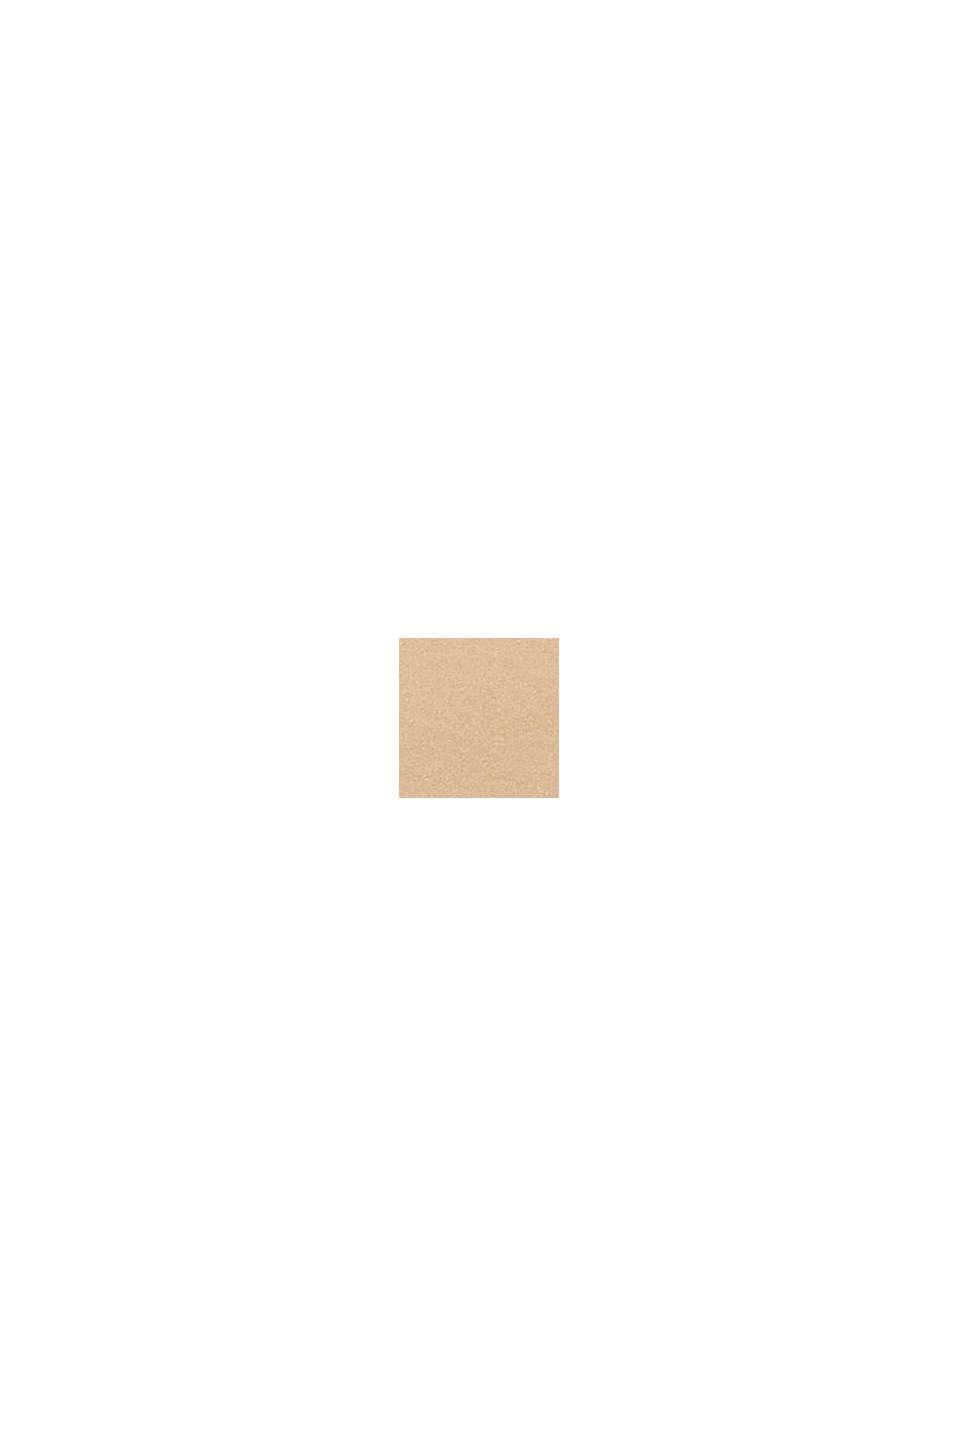 In materiale riciclato: culotte corte in microfibra, DUSTY NUDE, swatch